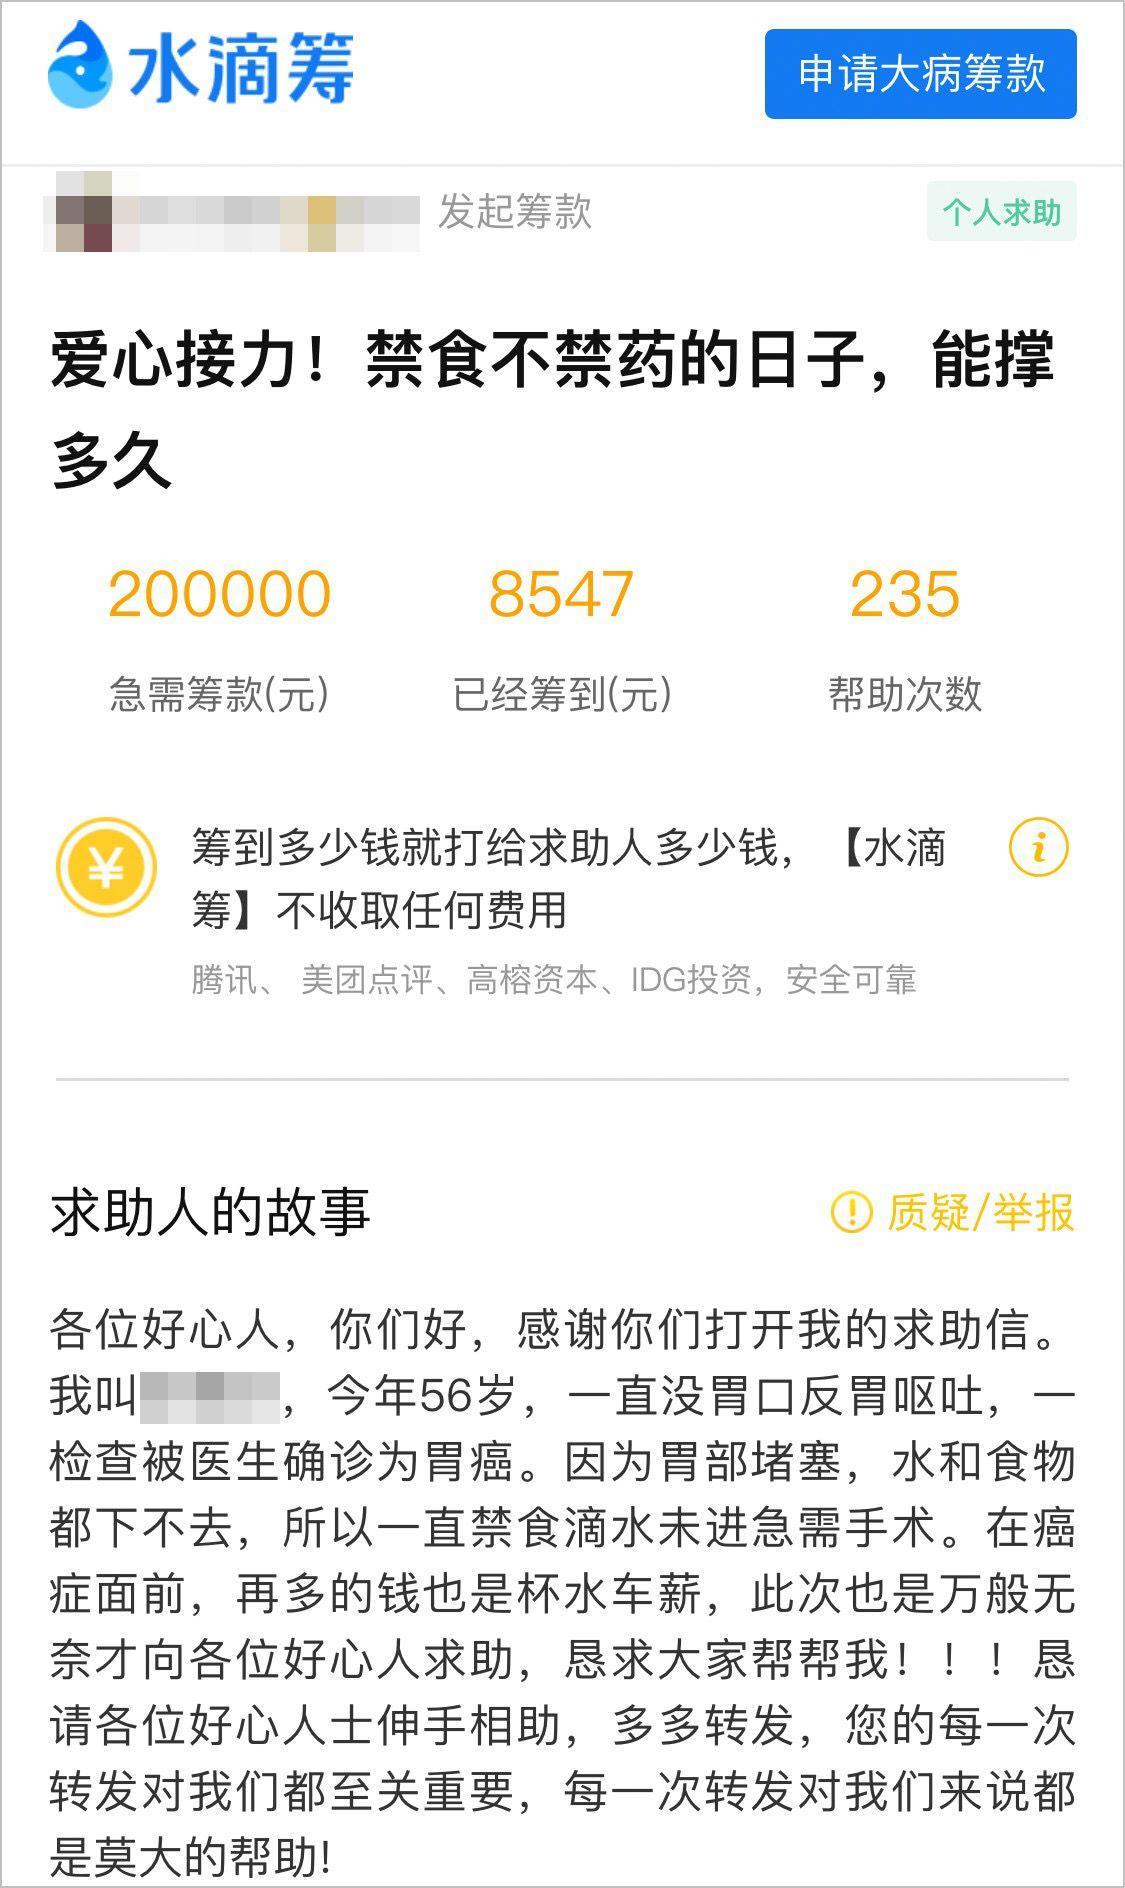 杭州一女子眾籌提款后炫富疑詐捐 水滴籌稱將原路退款